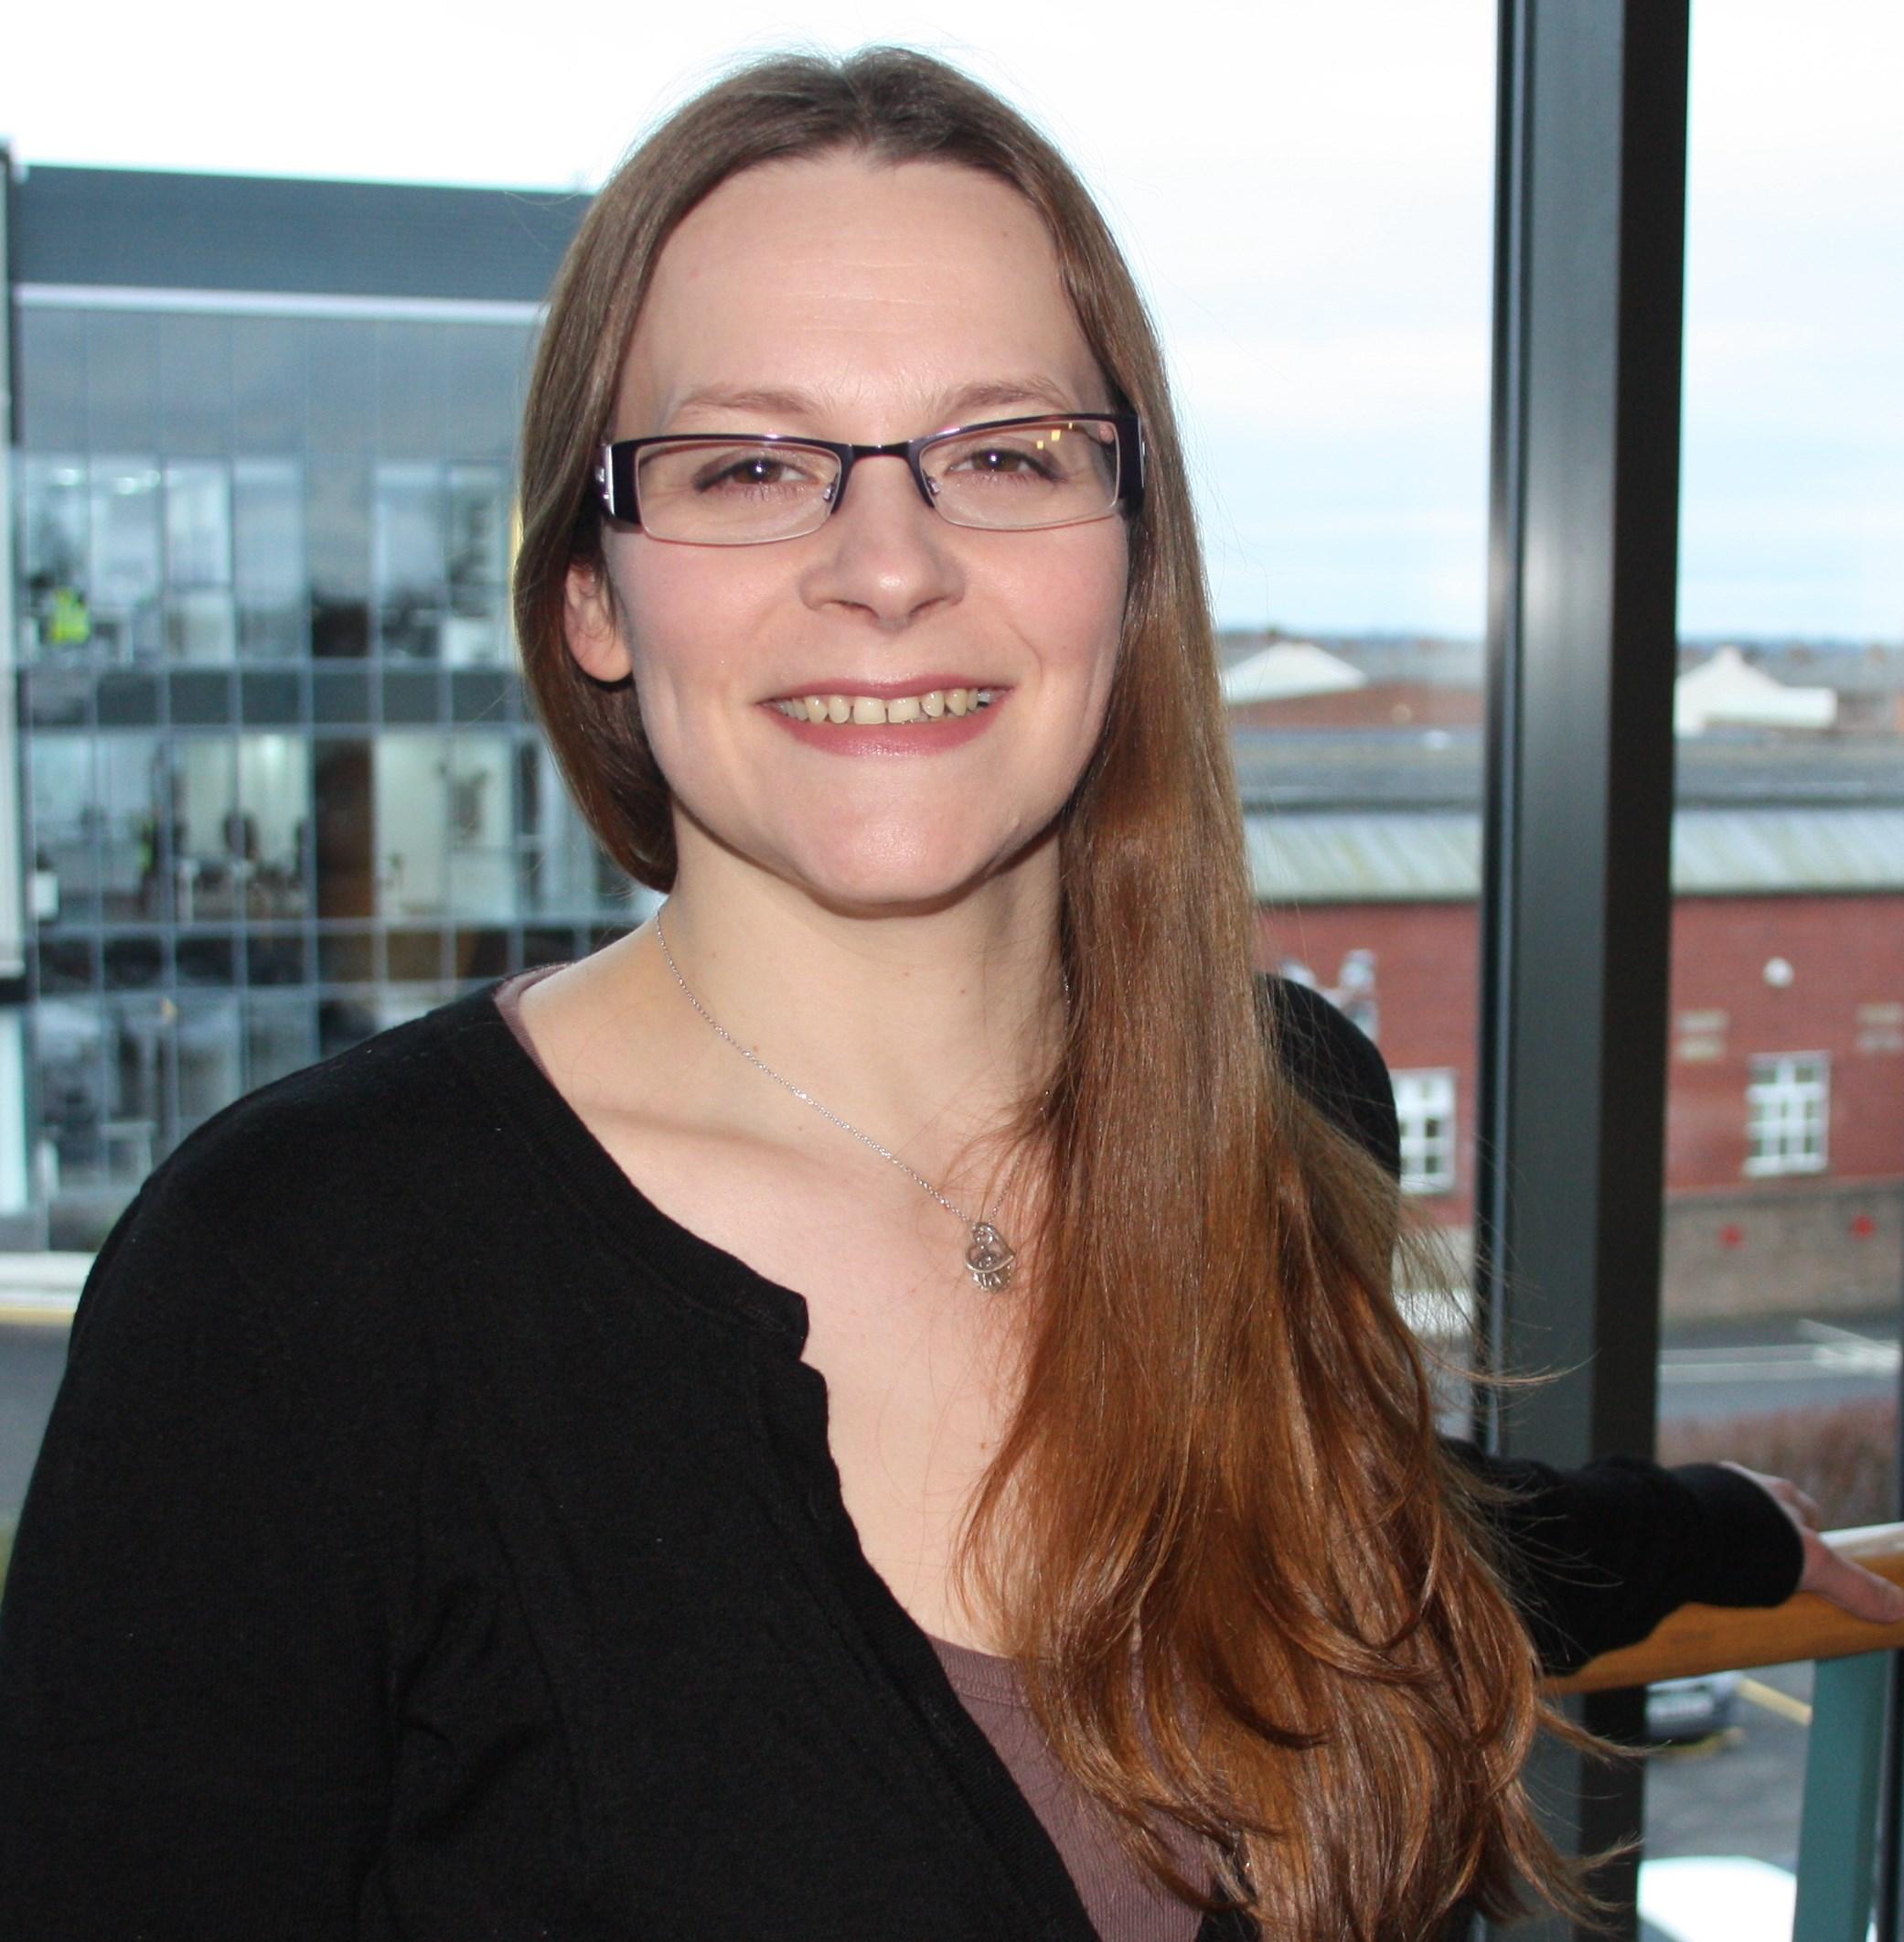 Sarah Peake